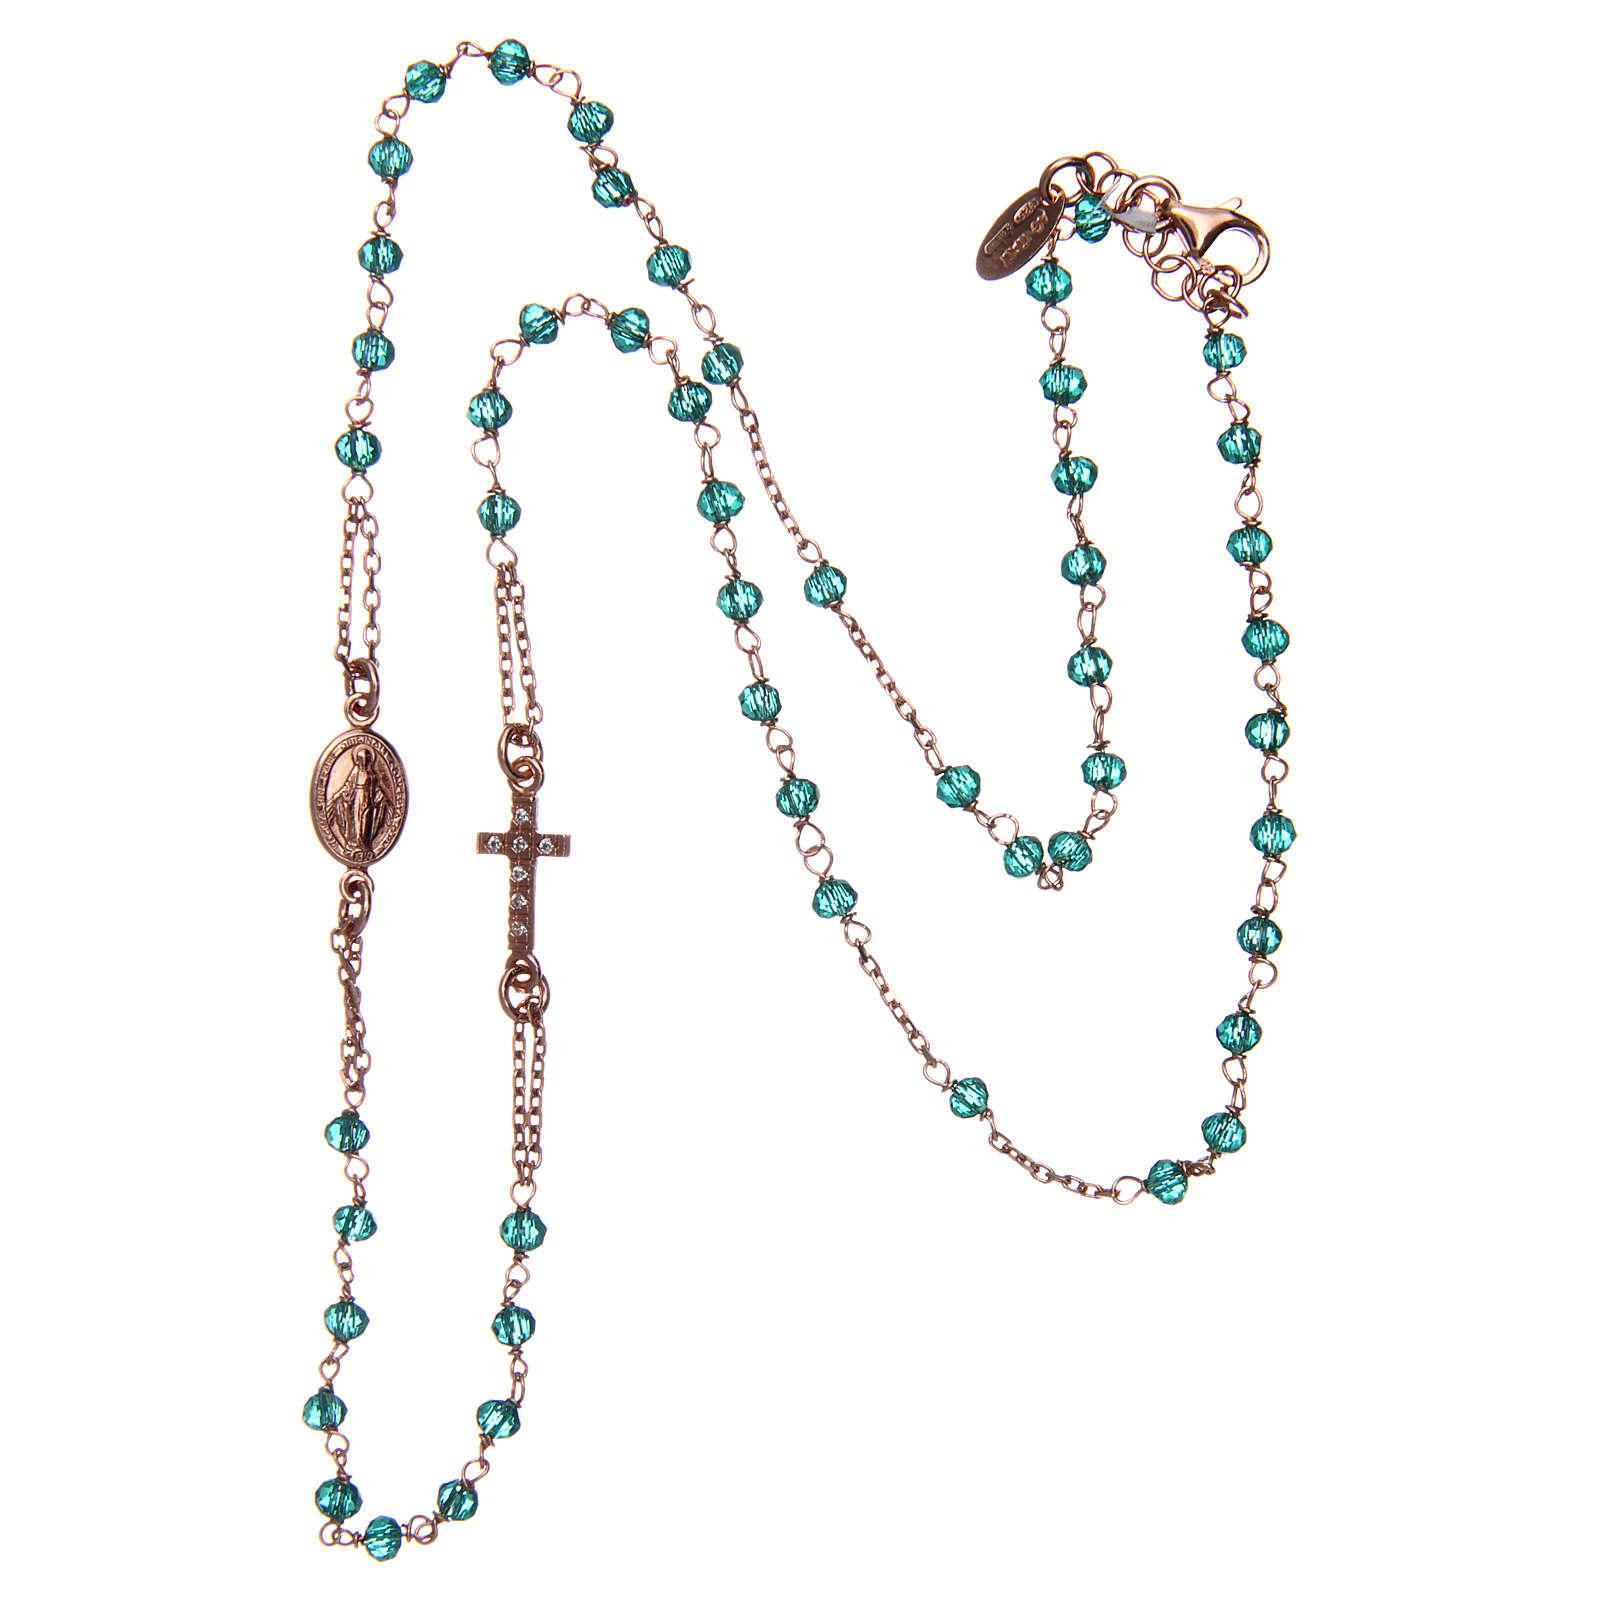 Naszyjnik różaniec na szyję AMEN pave kryształki zielone srebro 925 Rose 4